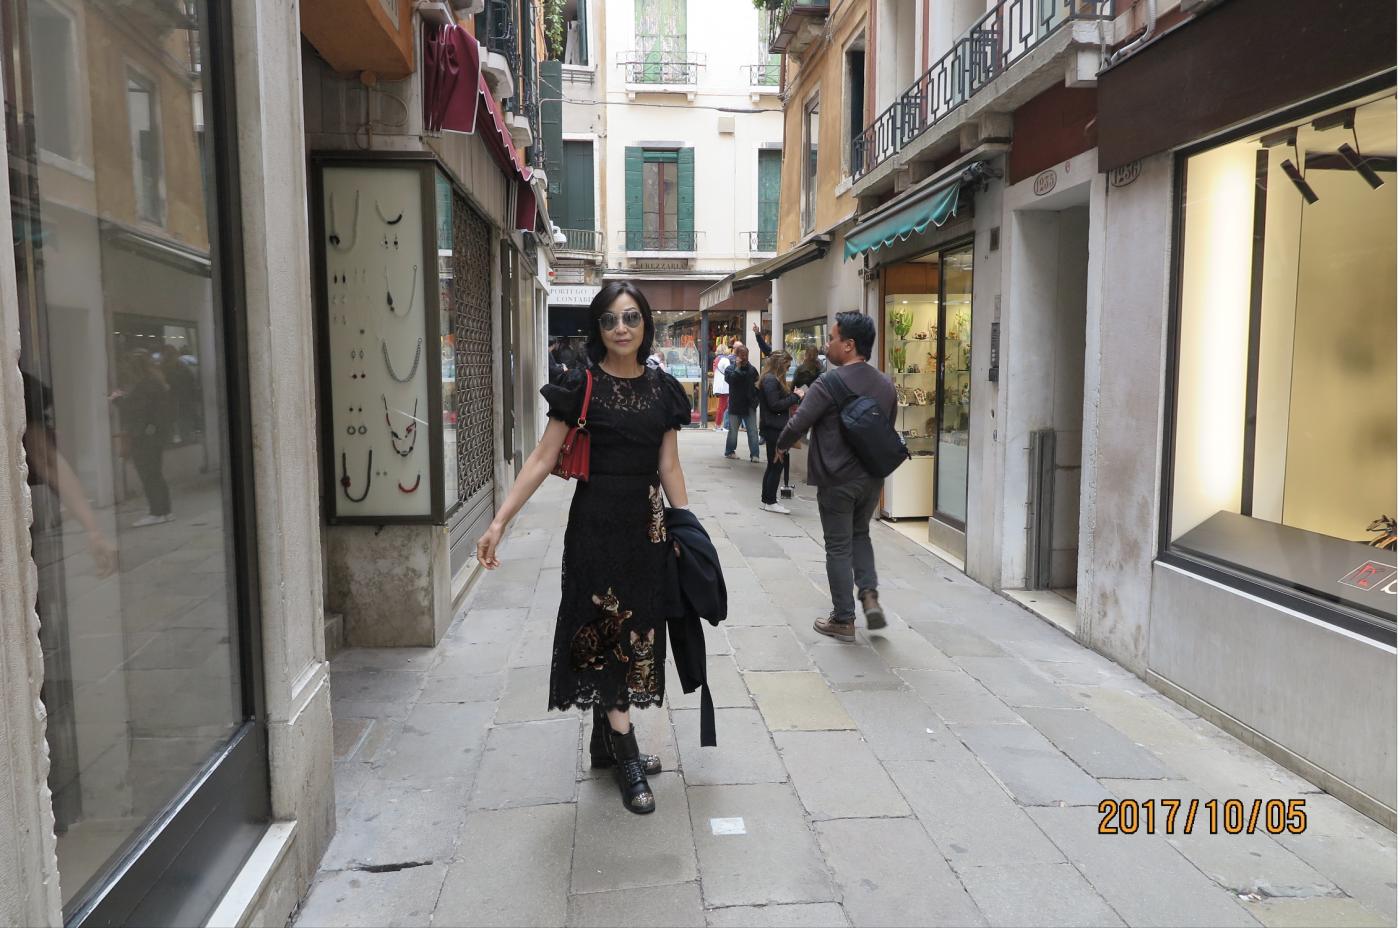 水乡威尼斯:无限的魅力永久的回忆_图1-26